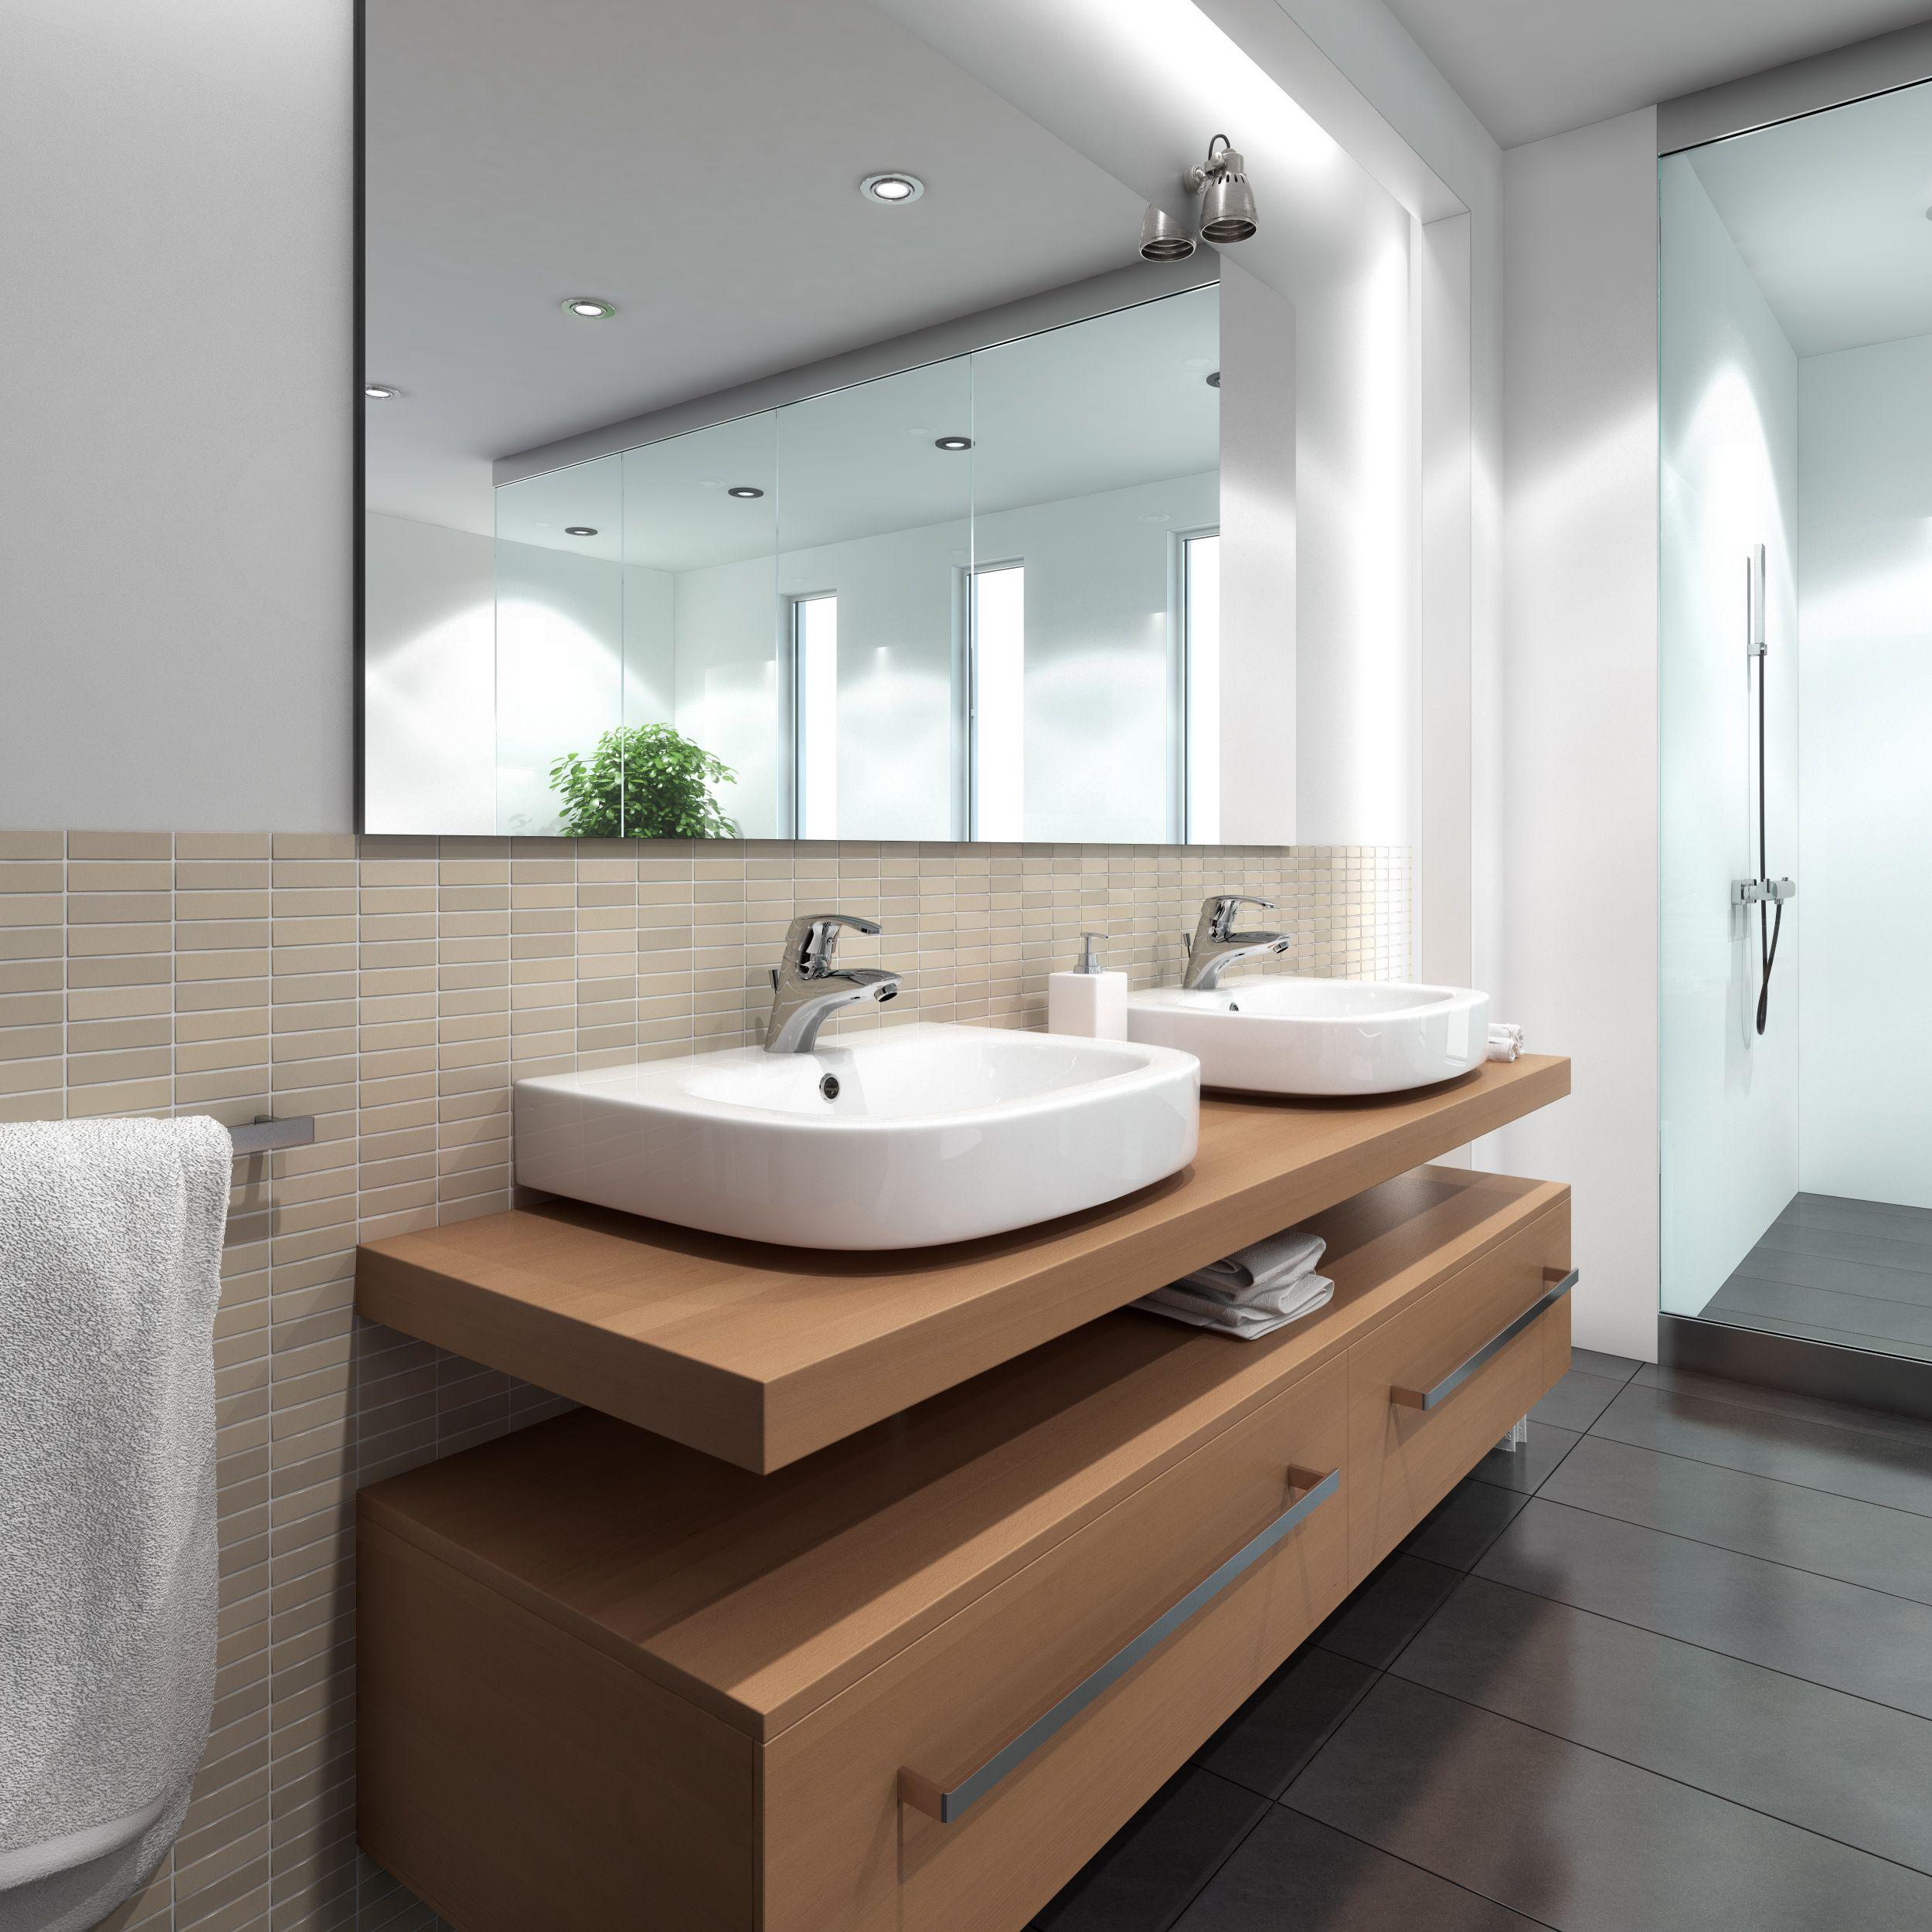 Badezimmer Ideen Musterbader Von Hornbach Ikea Badezimmer Moderne Waschbecken Badezimmer